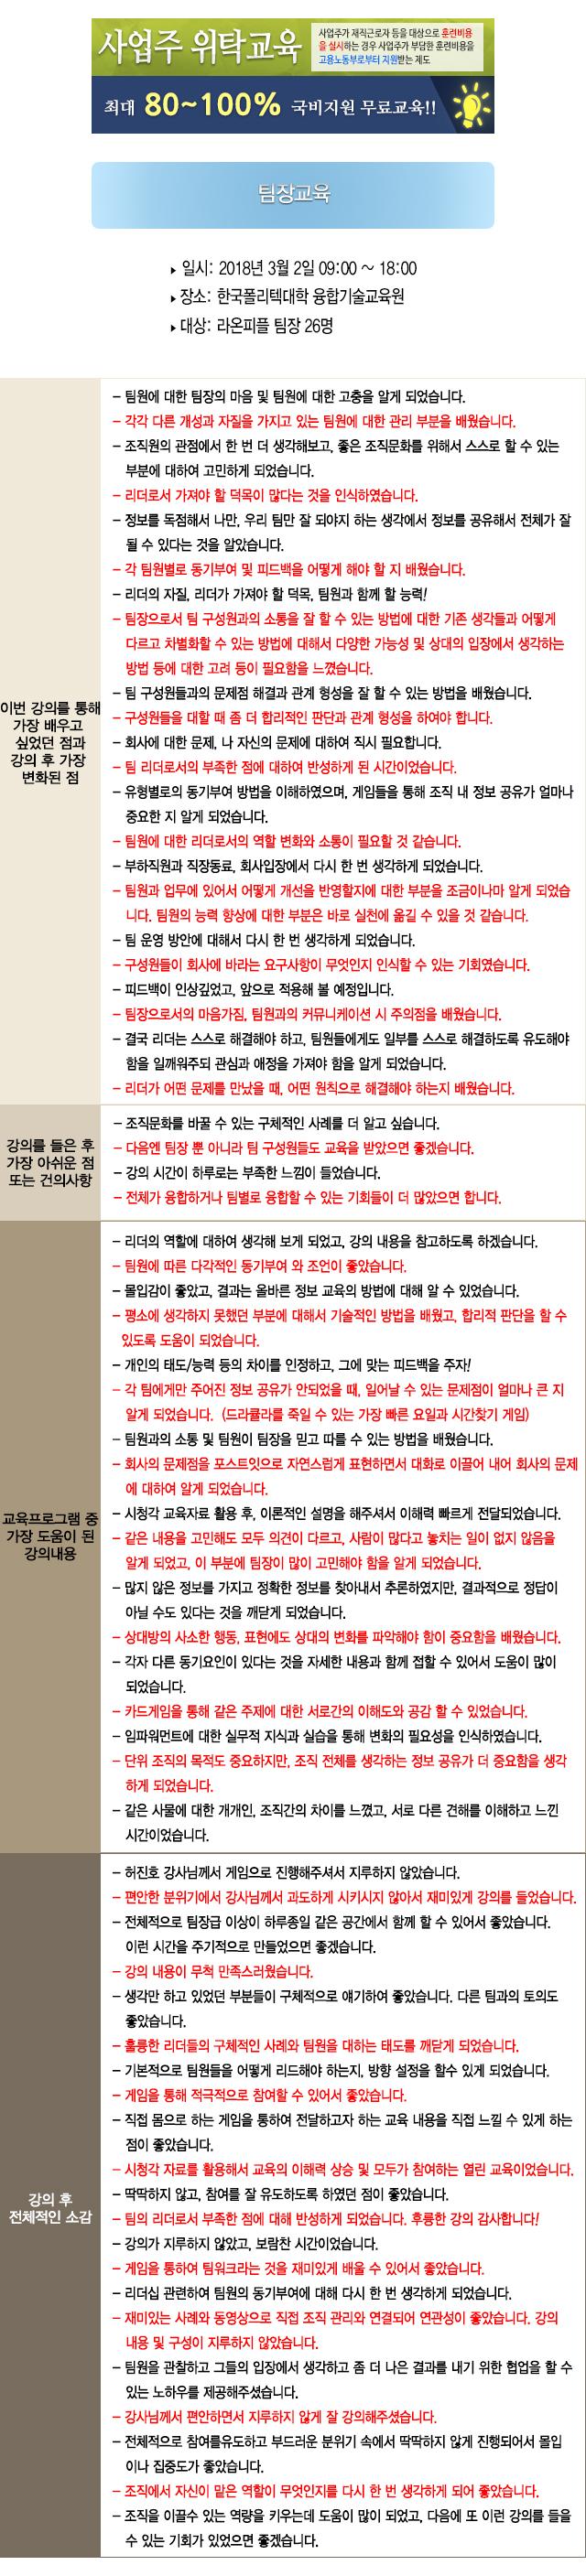 한국중앙인재개발원 후기 라온피플.jpg